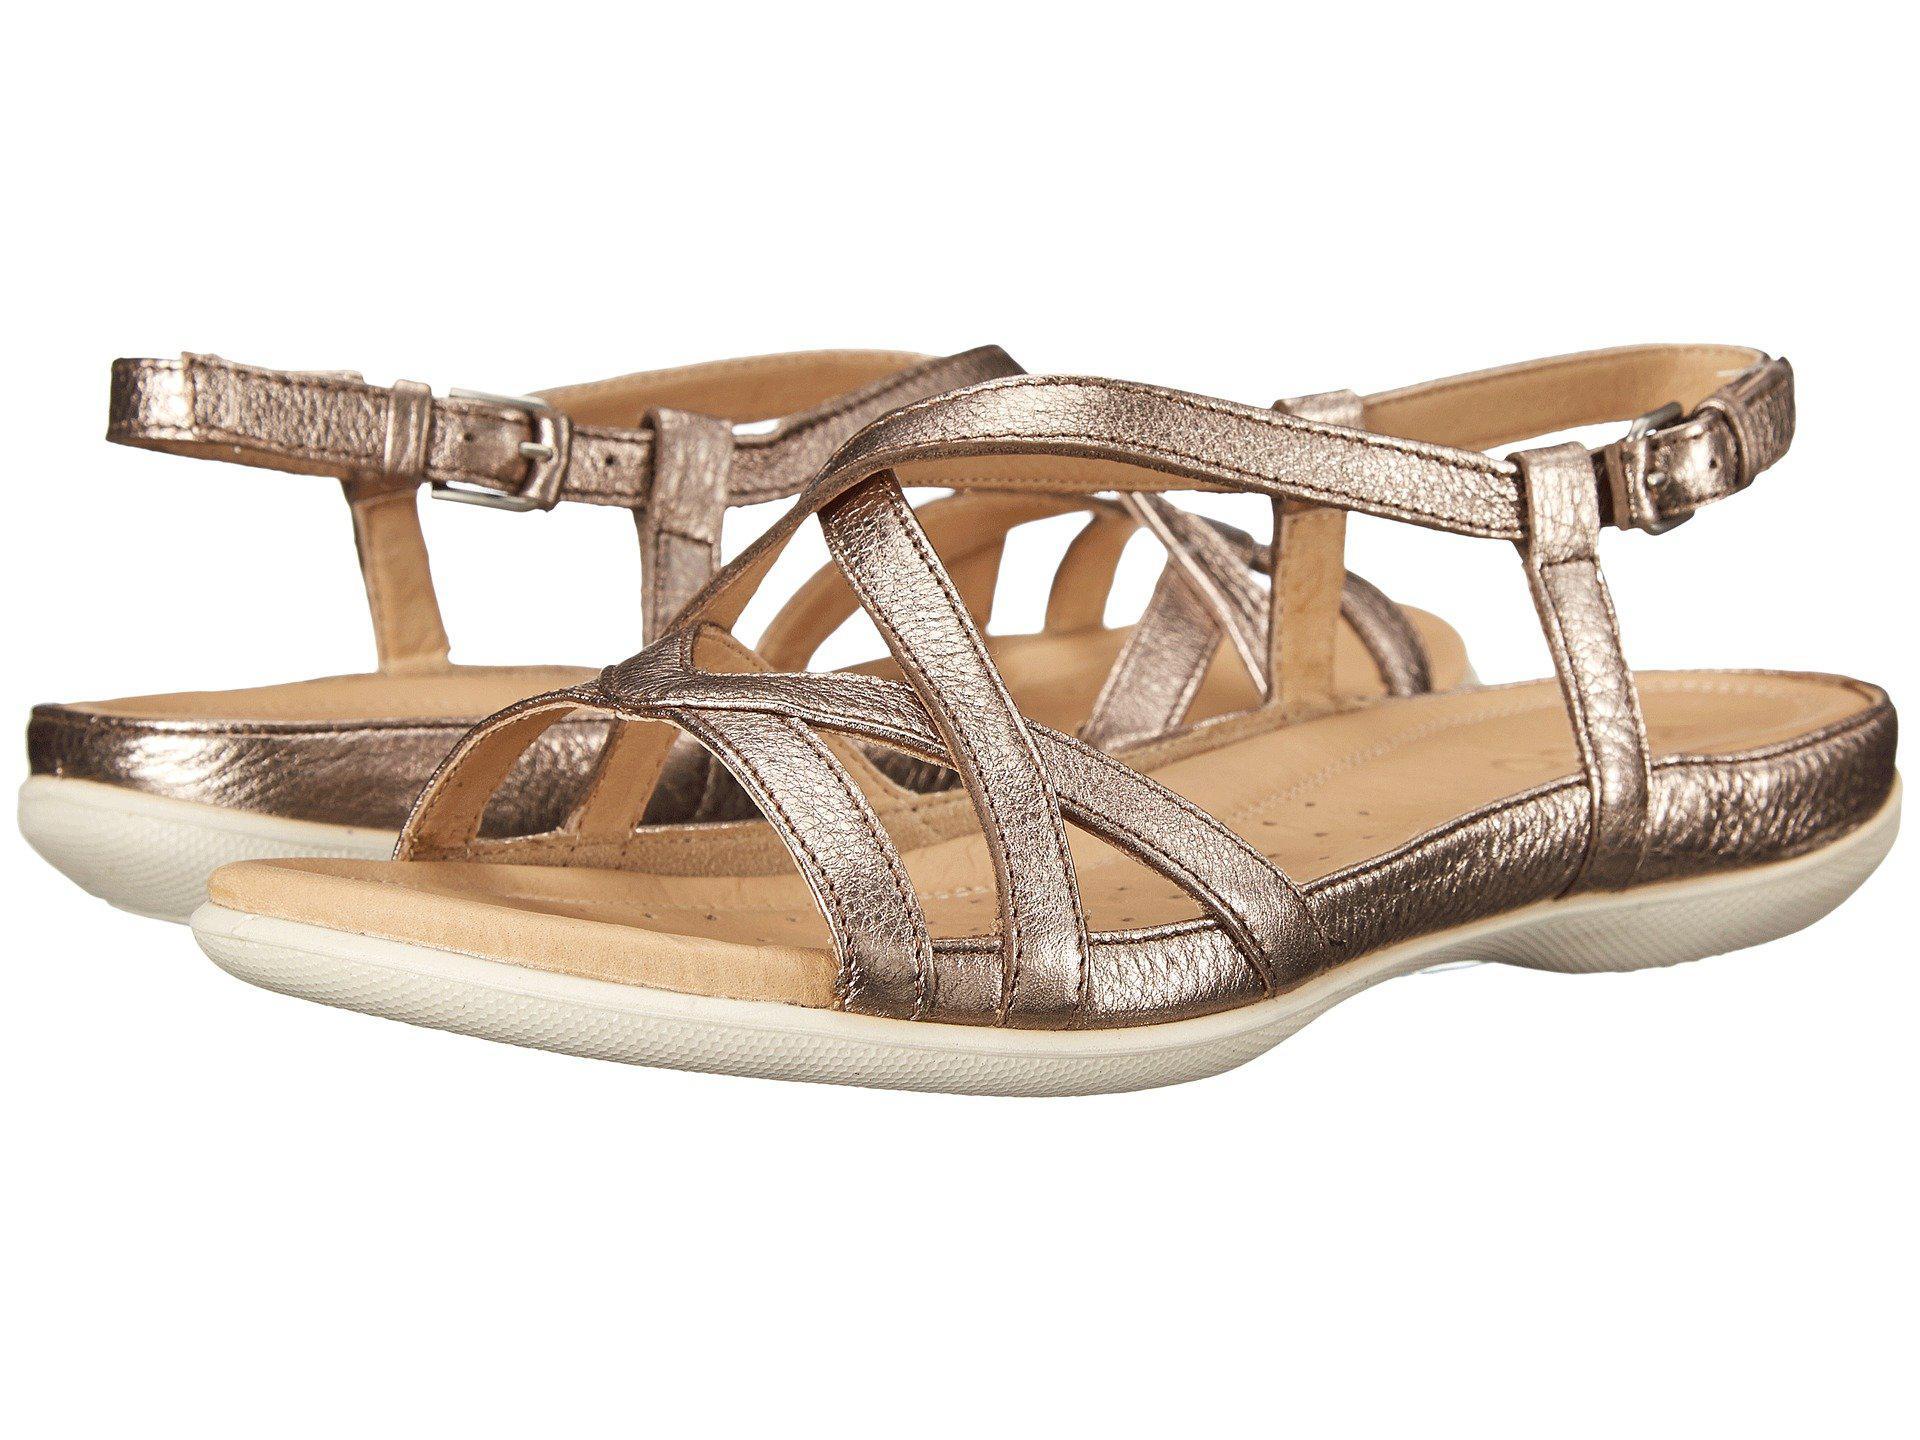 92a053df4af Lyst - Ecco Flash Cross Strap Sandal in Metallic